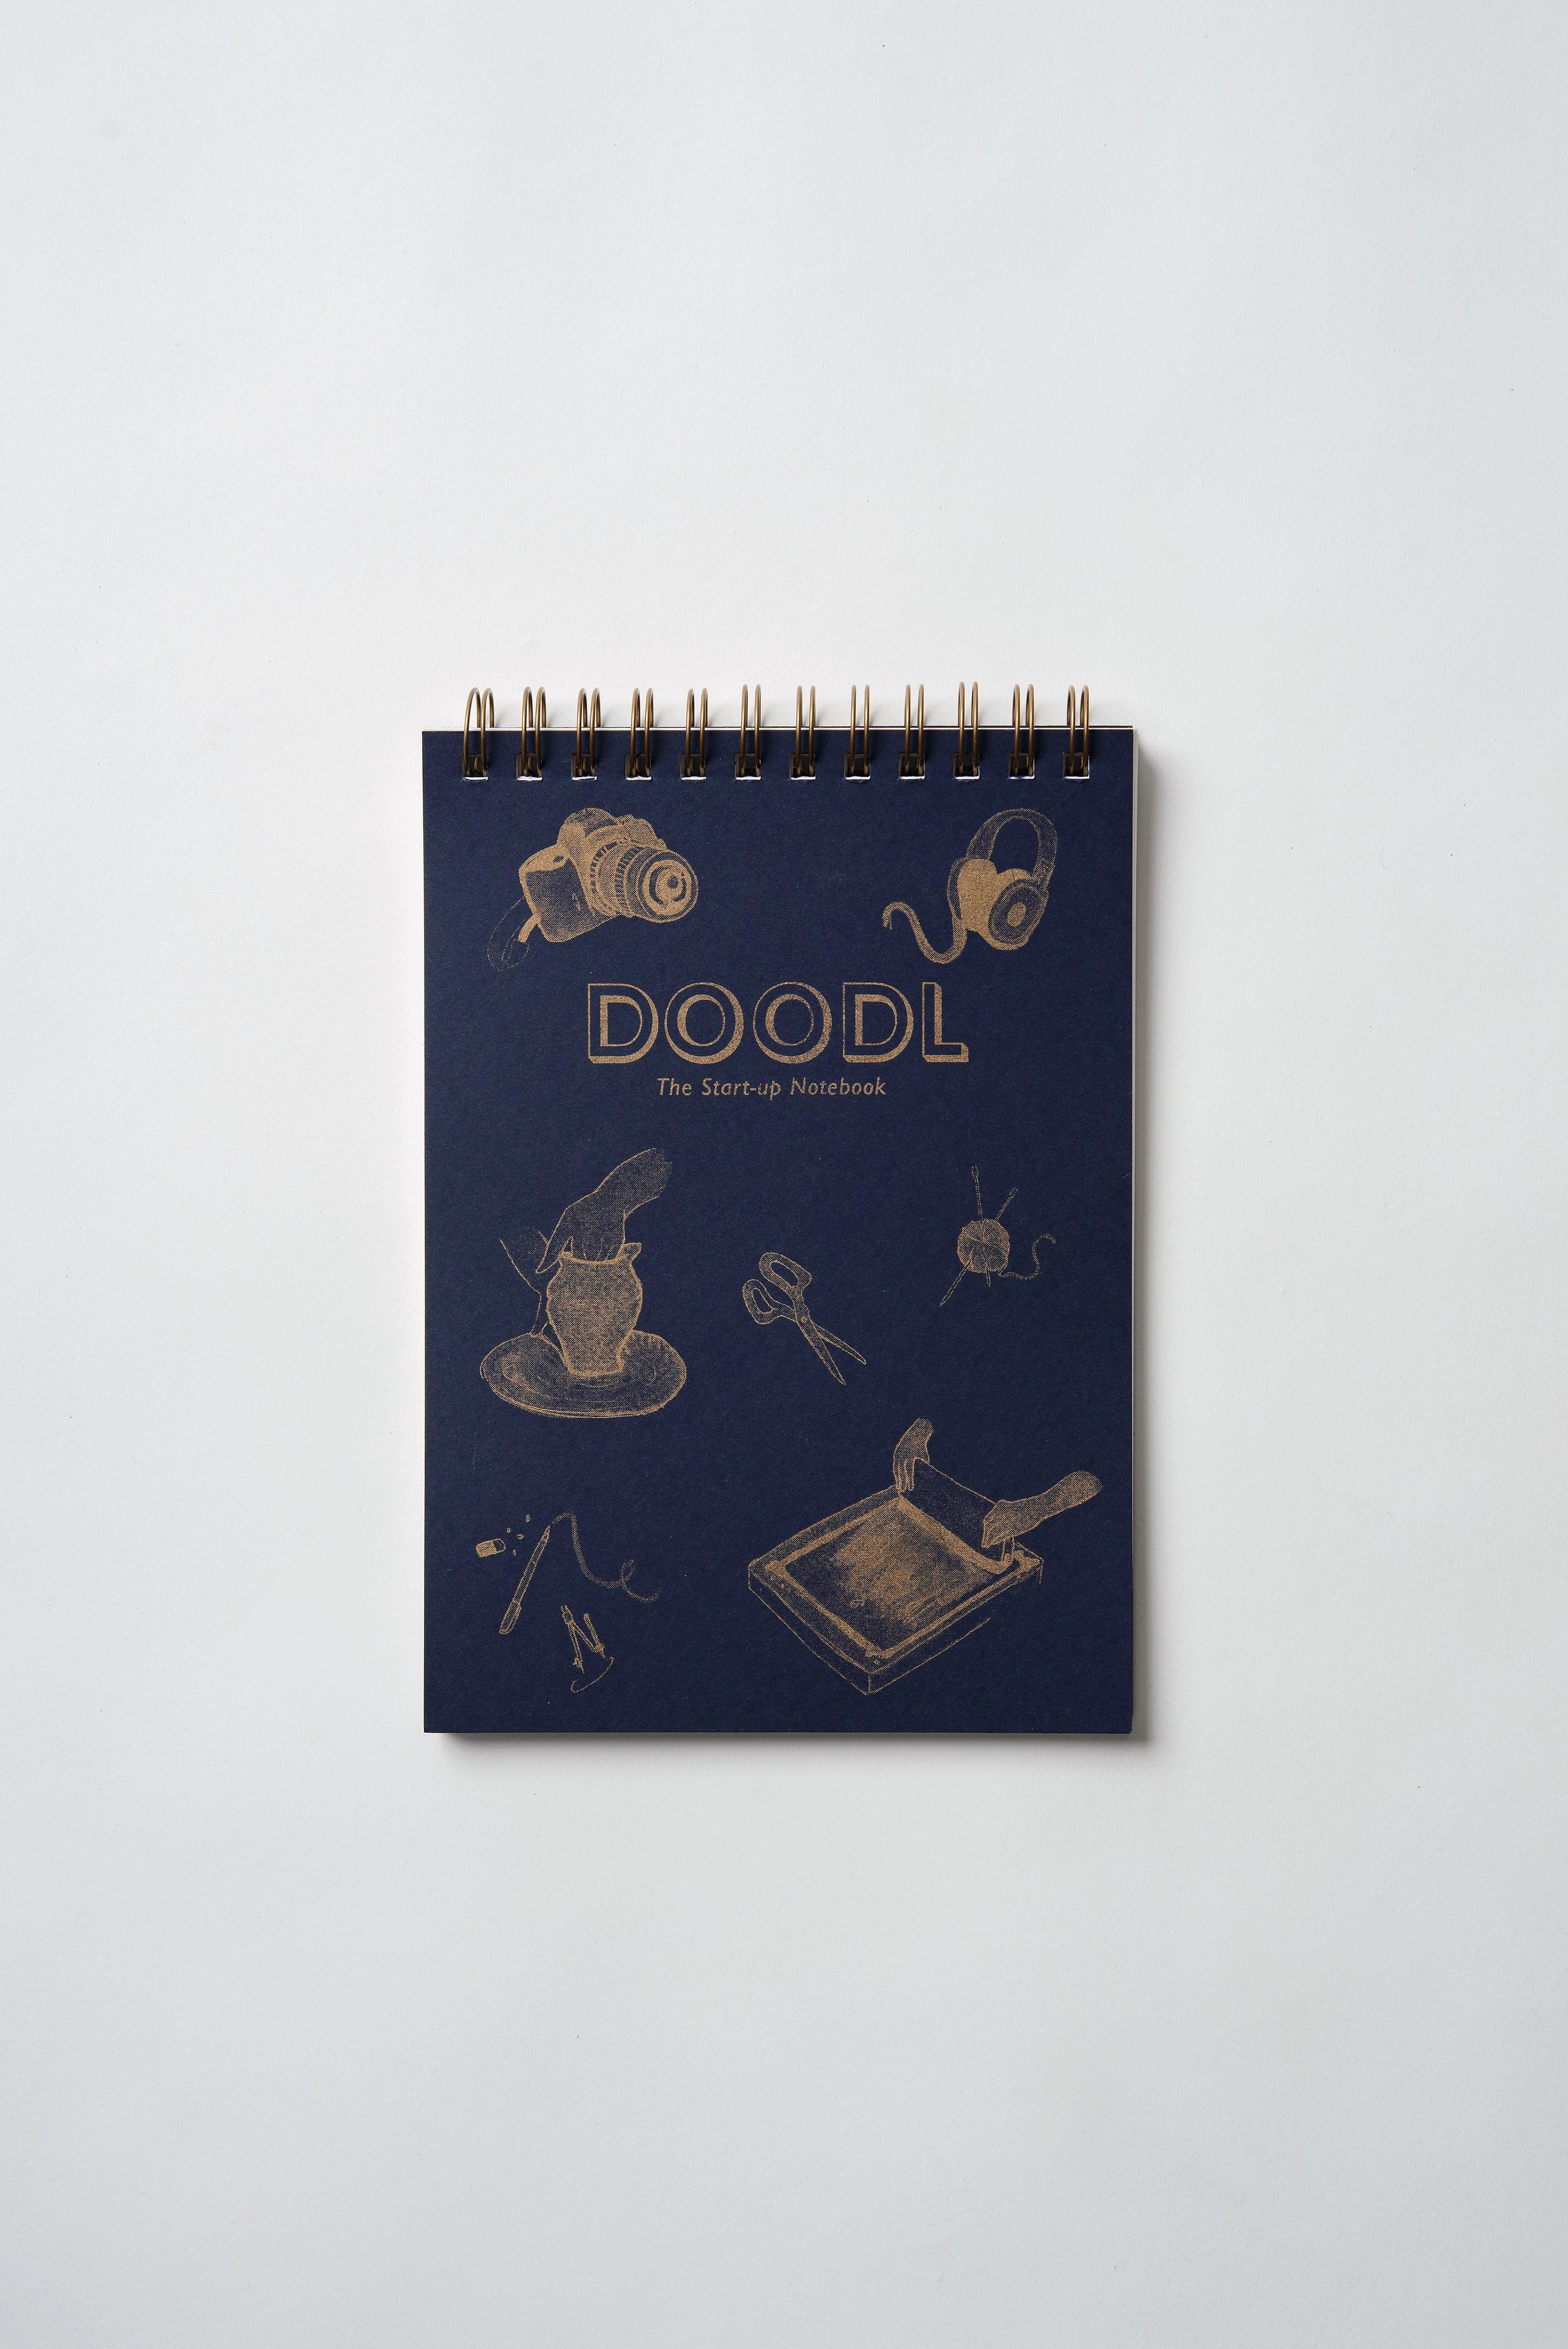 Doodl-Notebook-for-startups-RCF-21.jpg